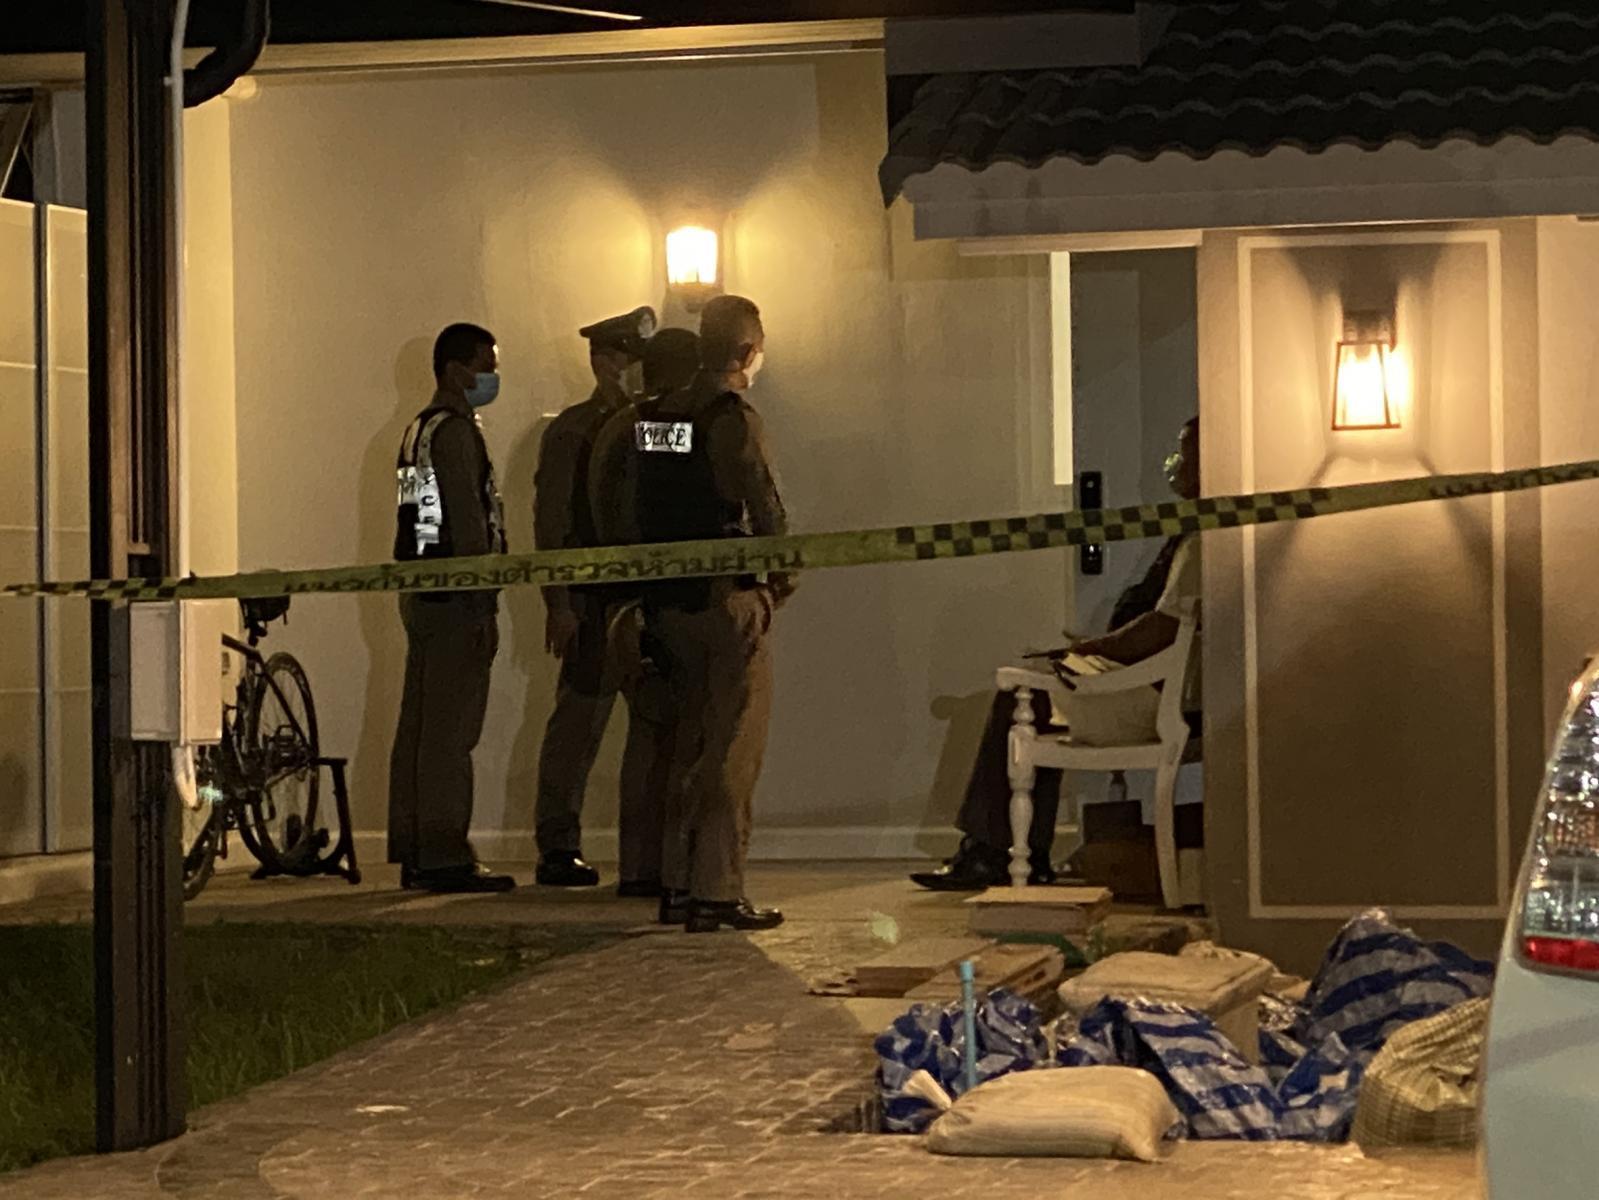 พบร่าง เด็กหญิงวัย 15 ปี ยิงกรอกปากดับในบ้านย่านประชาชื่น ตร.คาดฆ่าตัวตาย